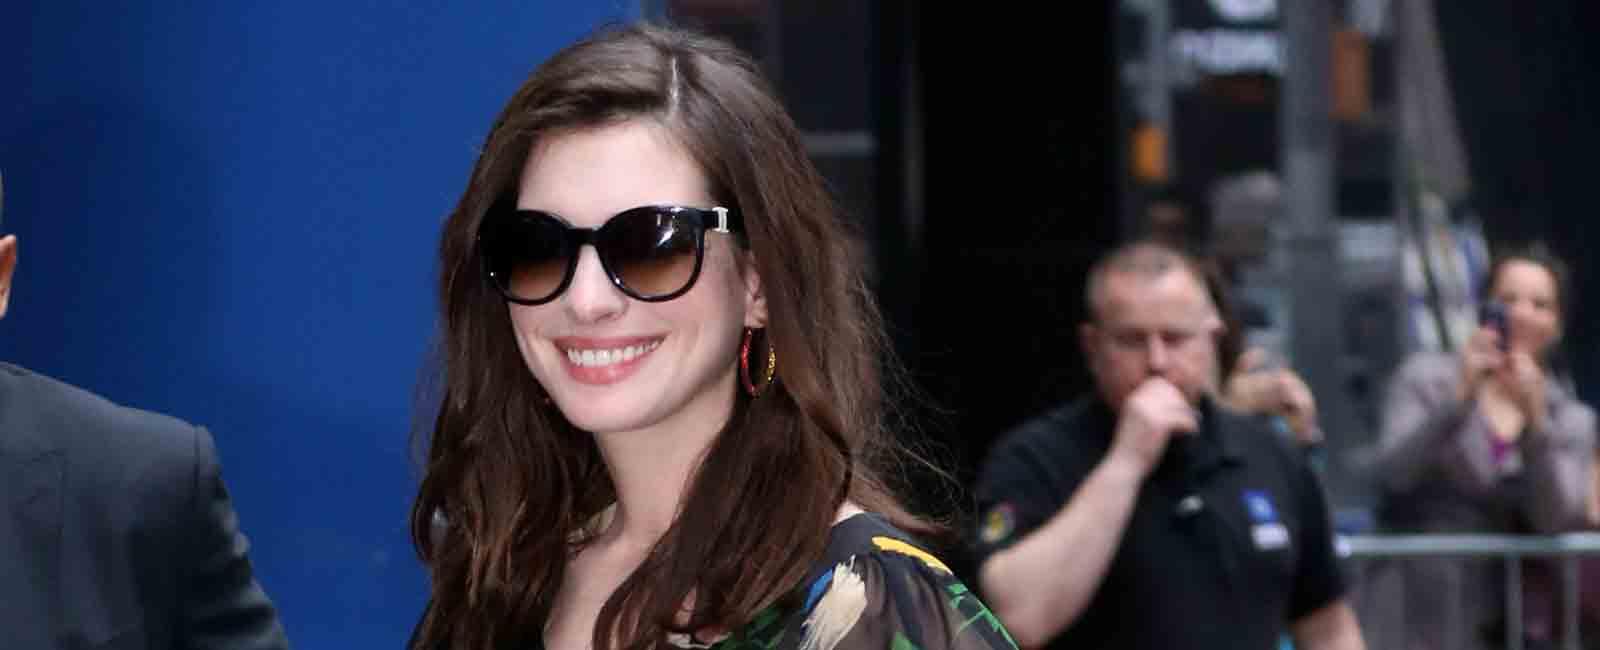 Anne Hathaway se apunta a la moda «low cost»